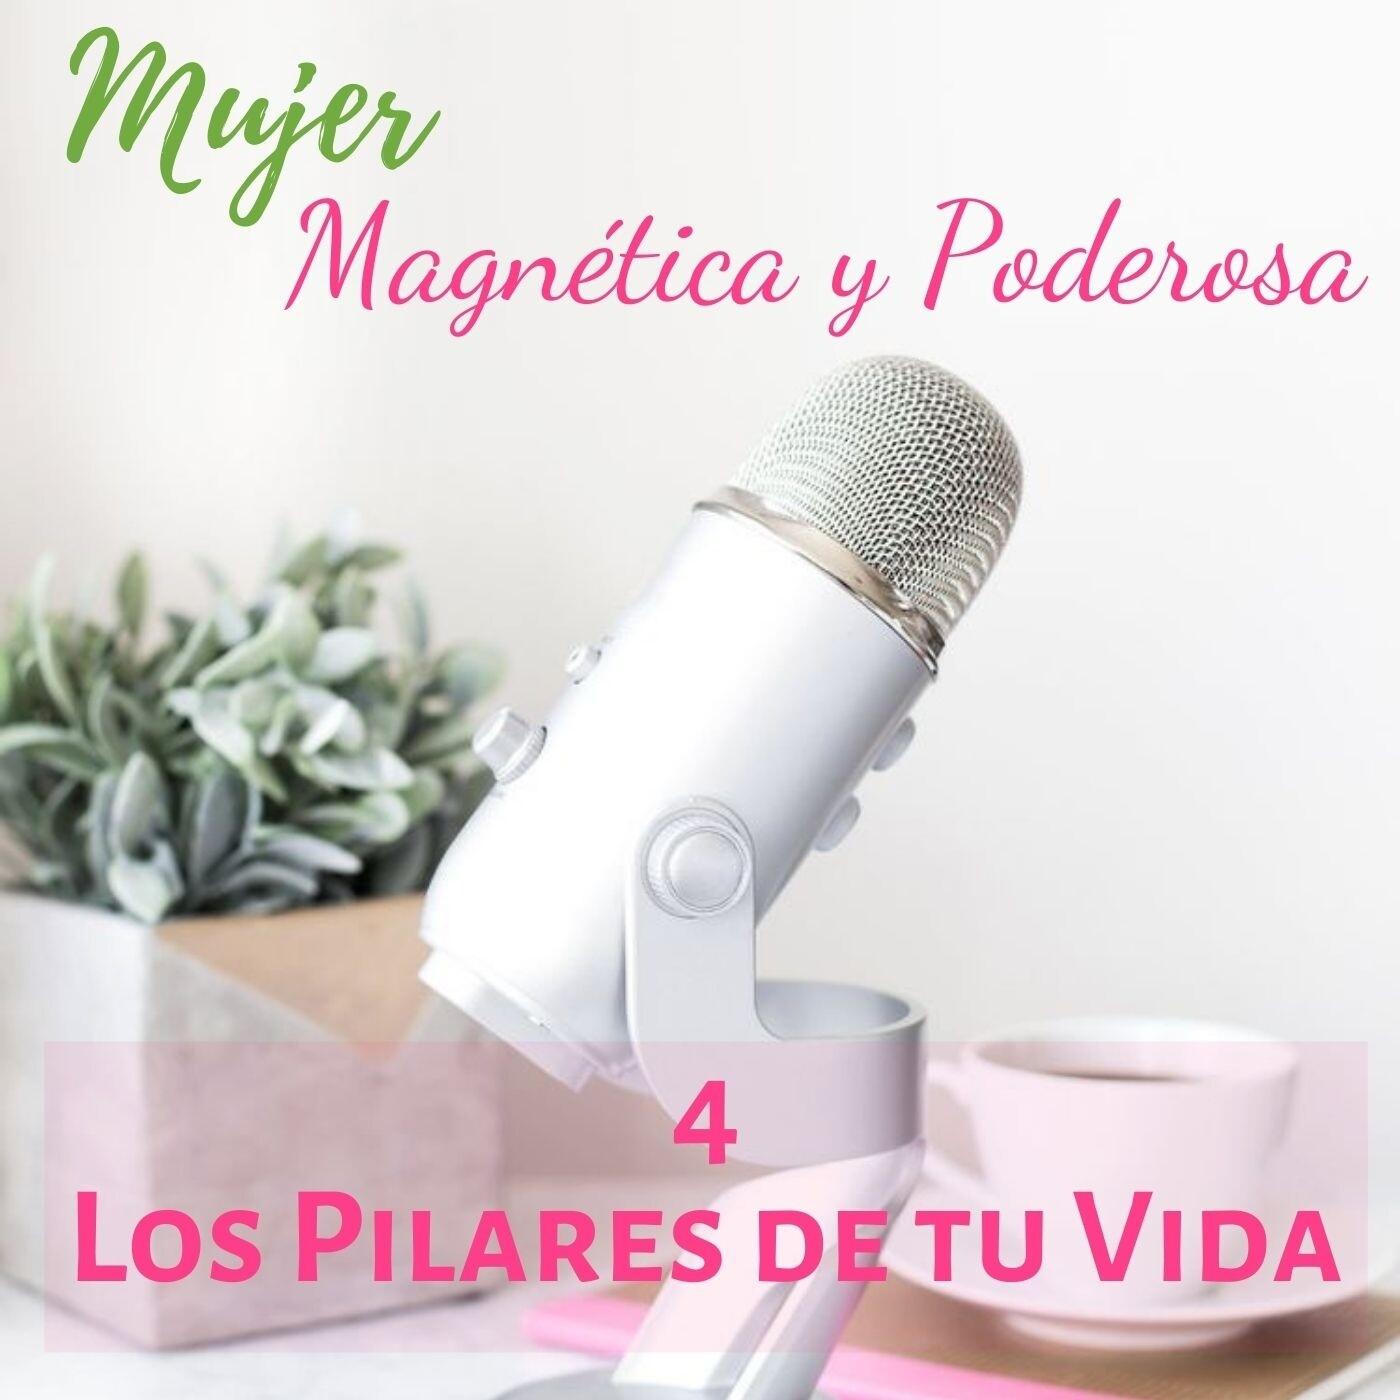 4. Los Pilares de tu Vida